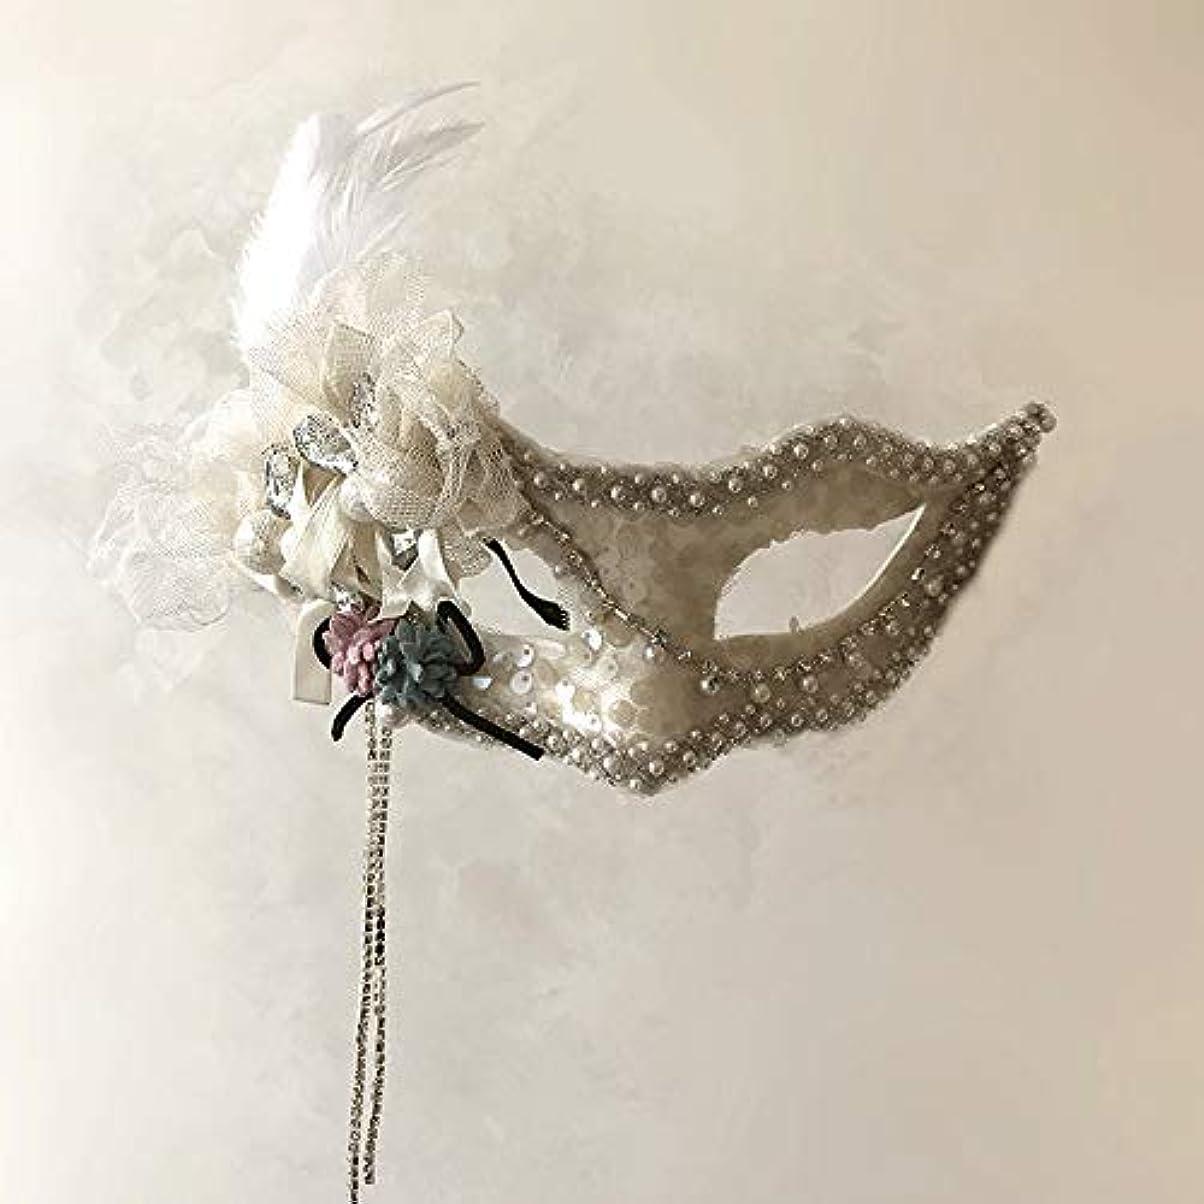 重量スーダン心配するNanle ホワイトフェザーフラワーマスク仮装ボールアイマスクハロウィーンボールフリンジフェザーマスクパーティマスク女性レディセクシーマスク (色 : Style D)